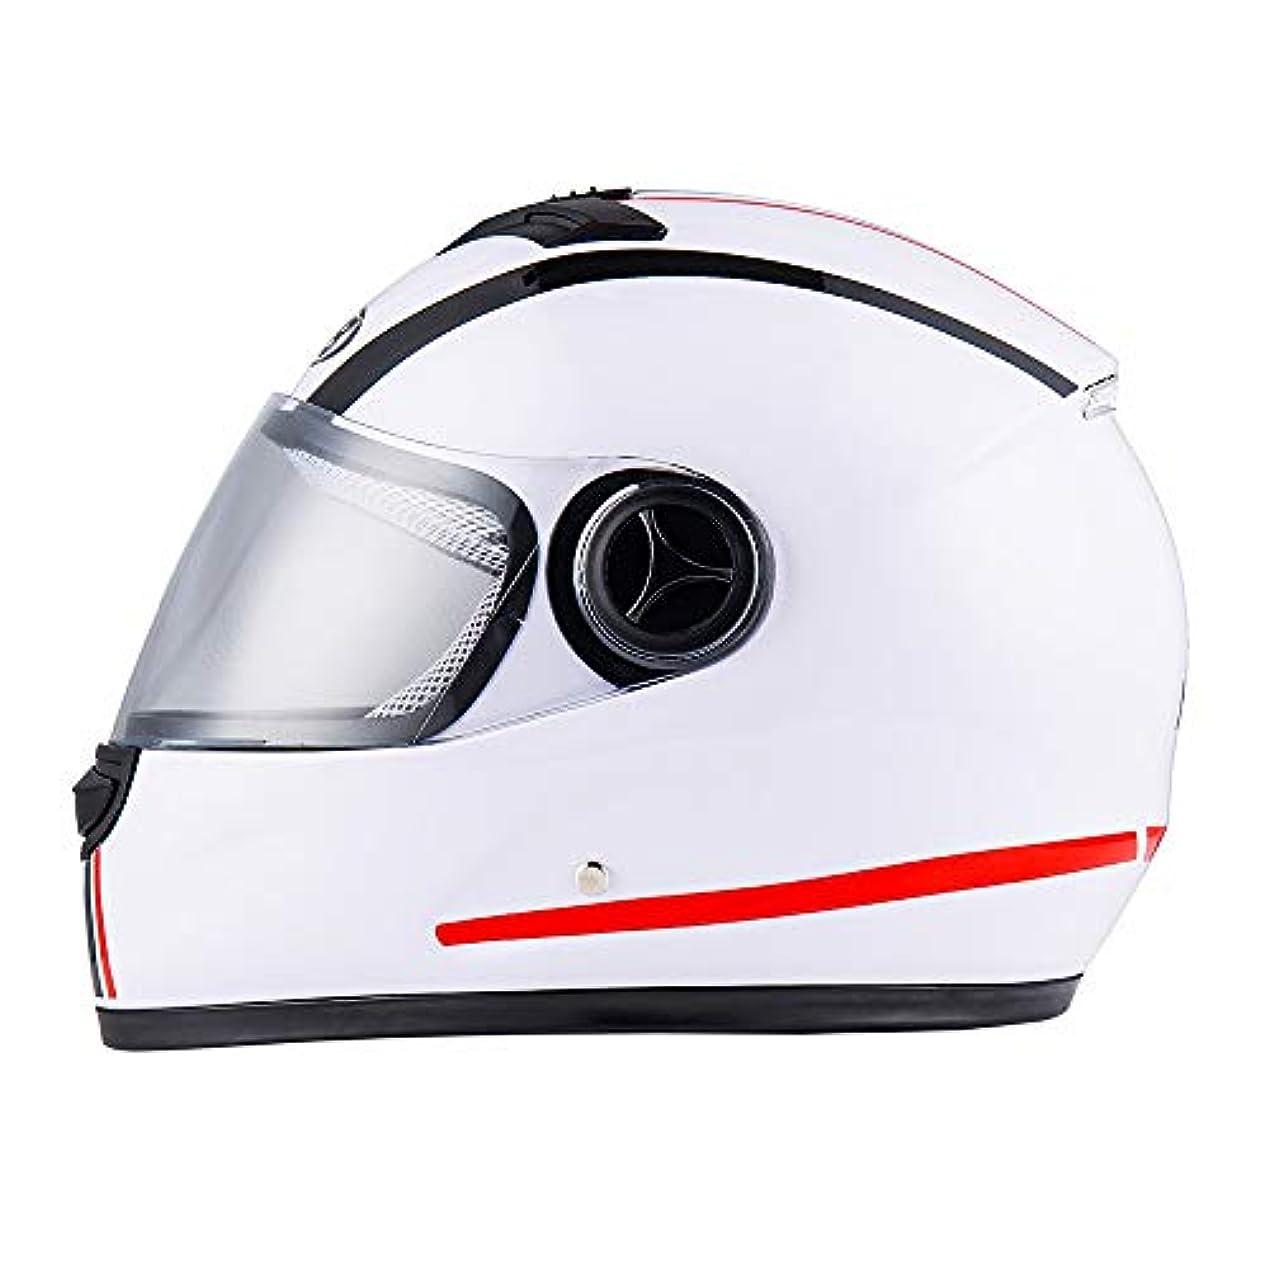 違う豚ヒールSafety 防曇フルフェイスヘルメットオートバイヘルメット/電気自動車ヘルメット/防曇ヘルメット男性と女性黒/白/耐久性 (色 : White)